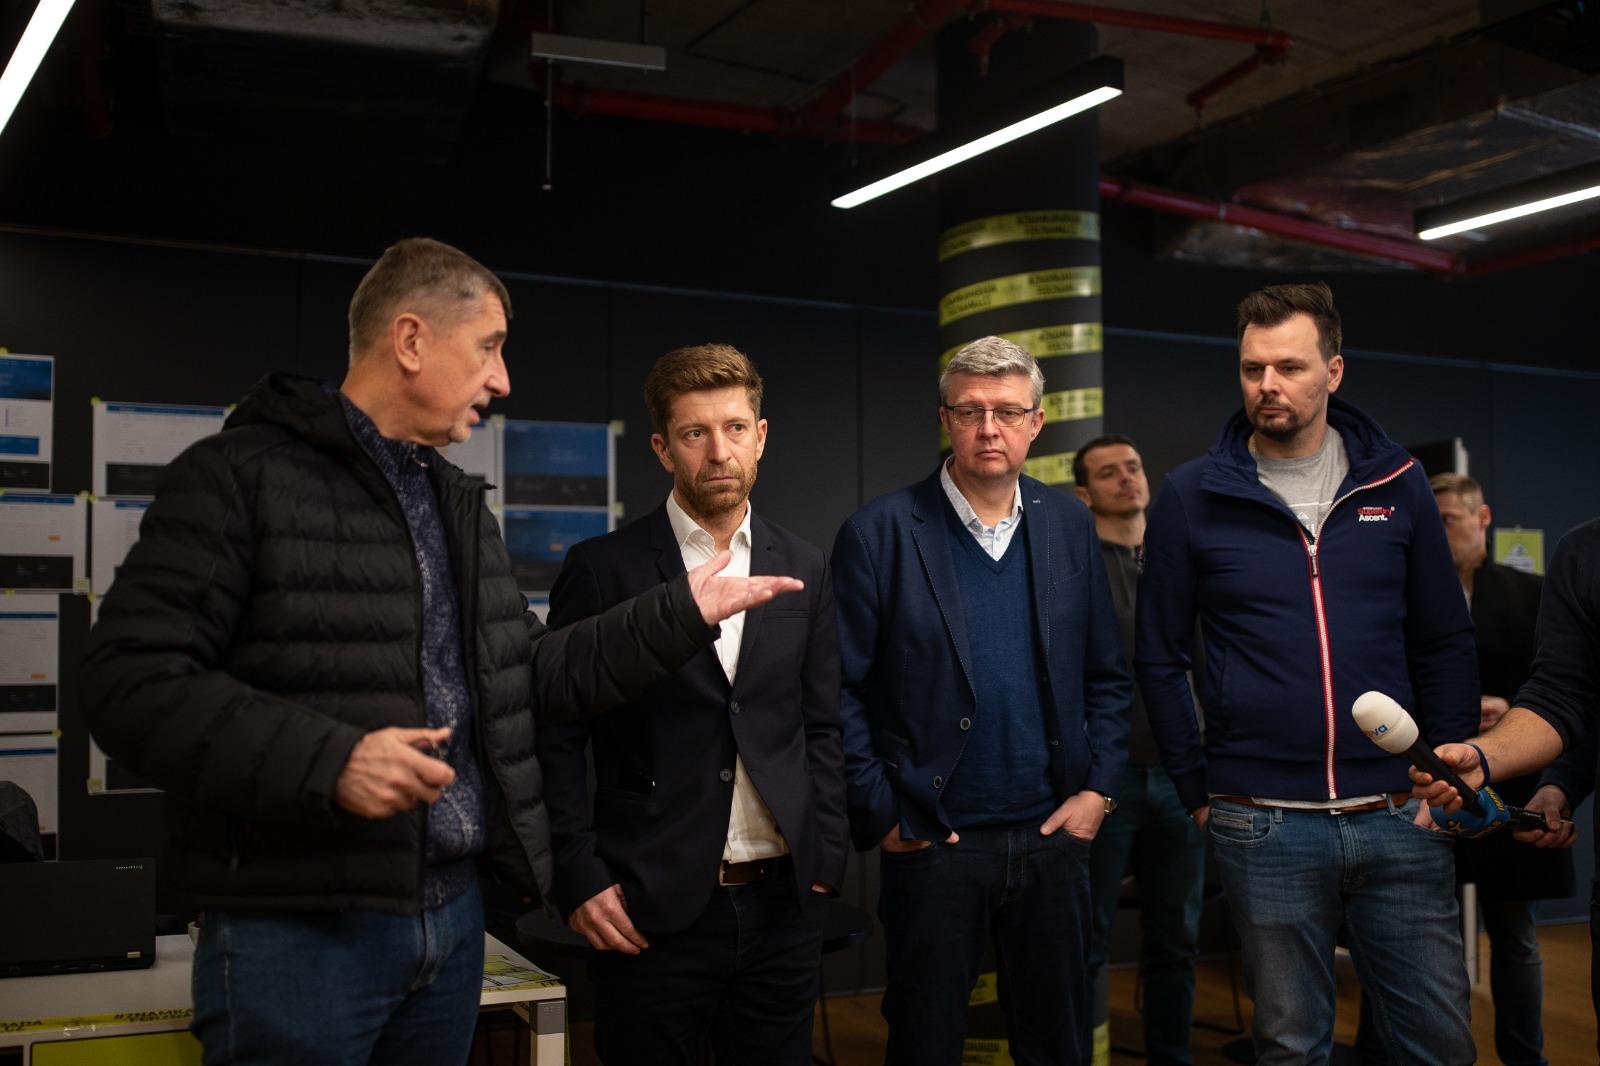 Babiš a iniciátor naprogramování dálniční známky zdarma Tomáš Vondráček (FB Andrej Babiš)